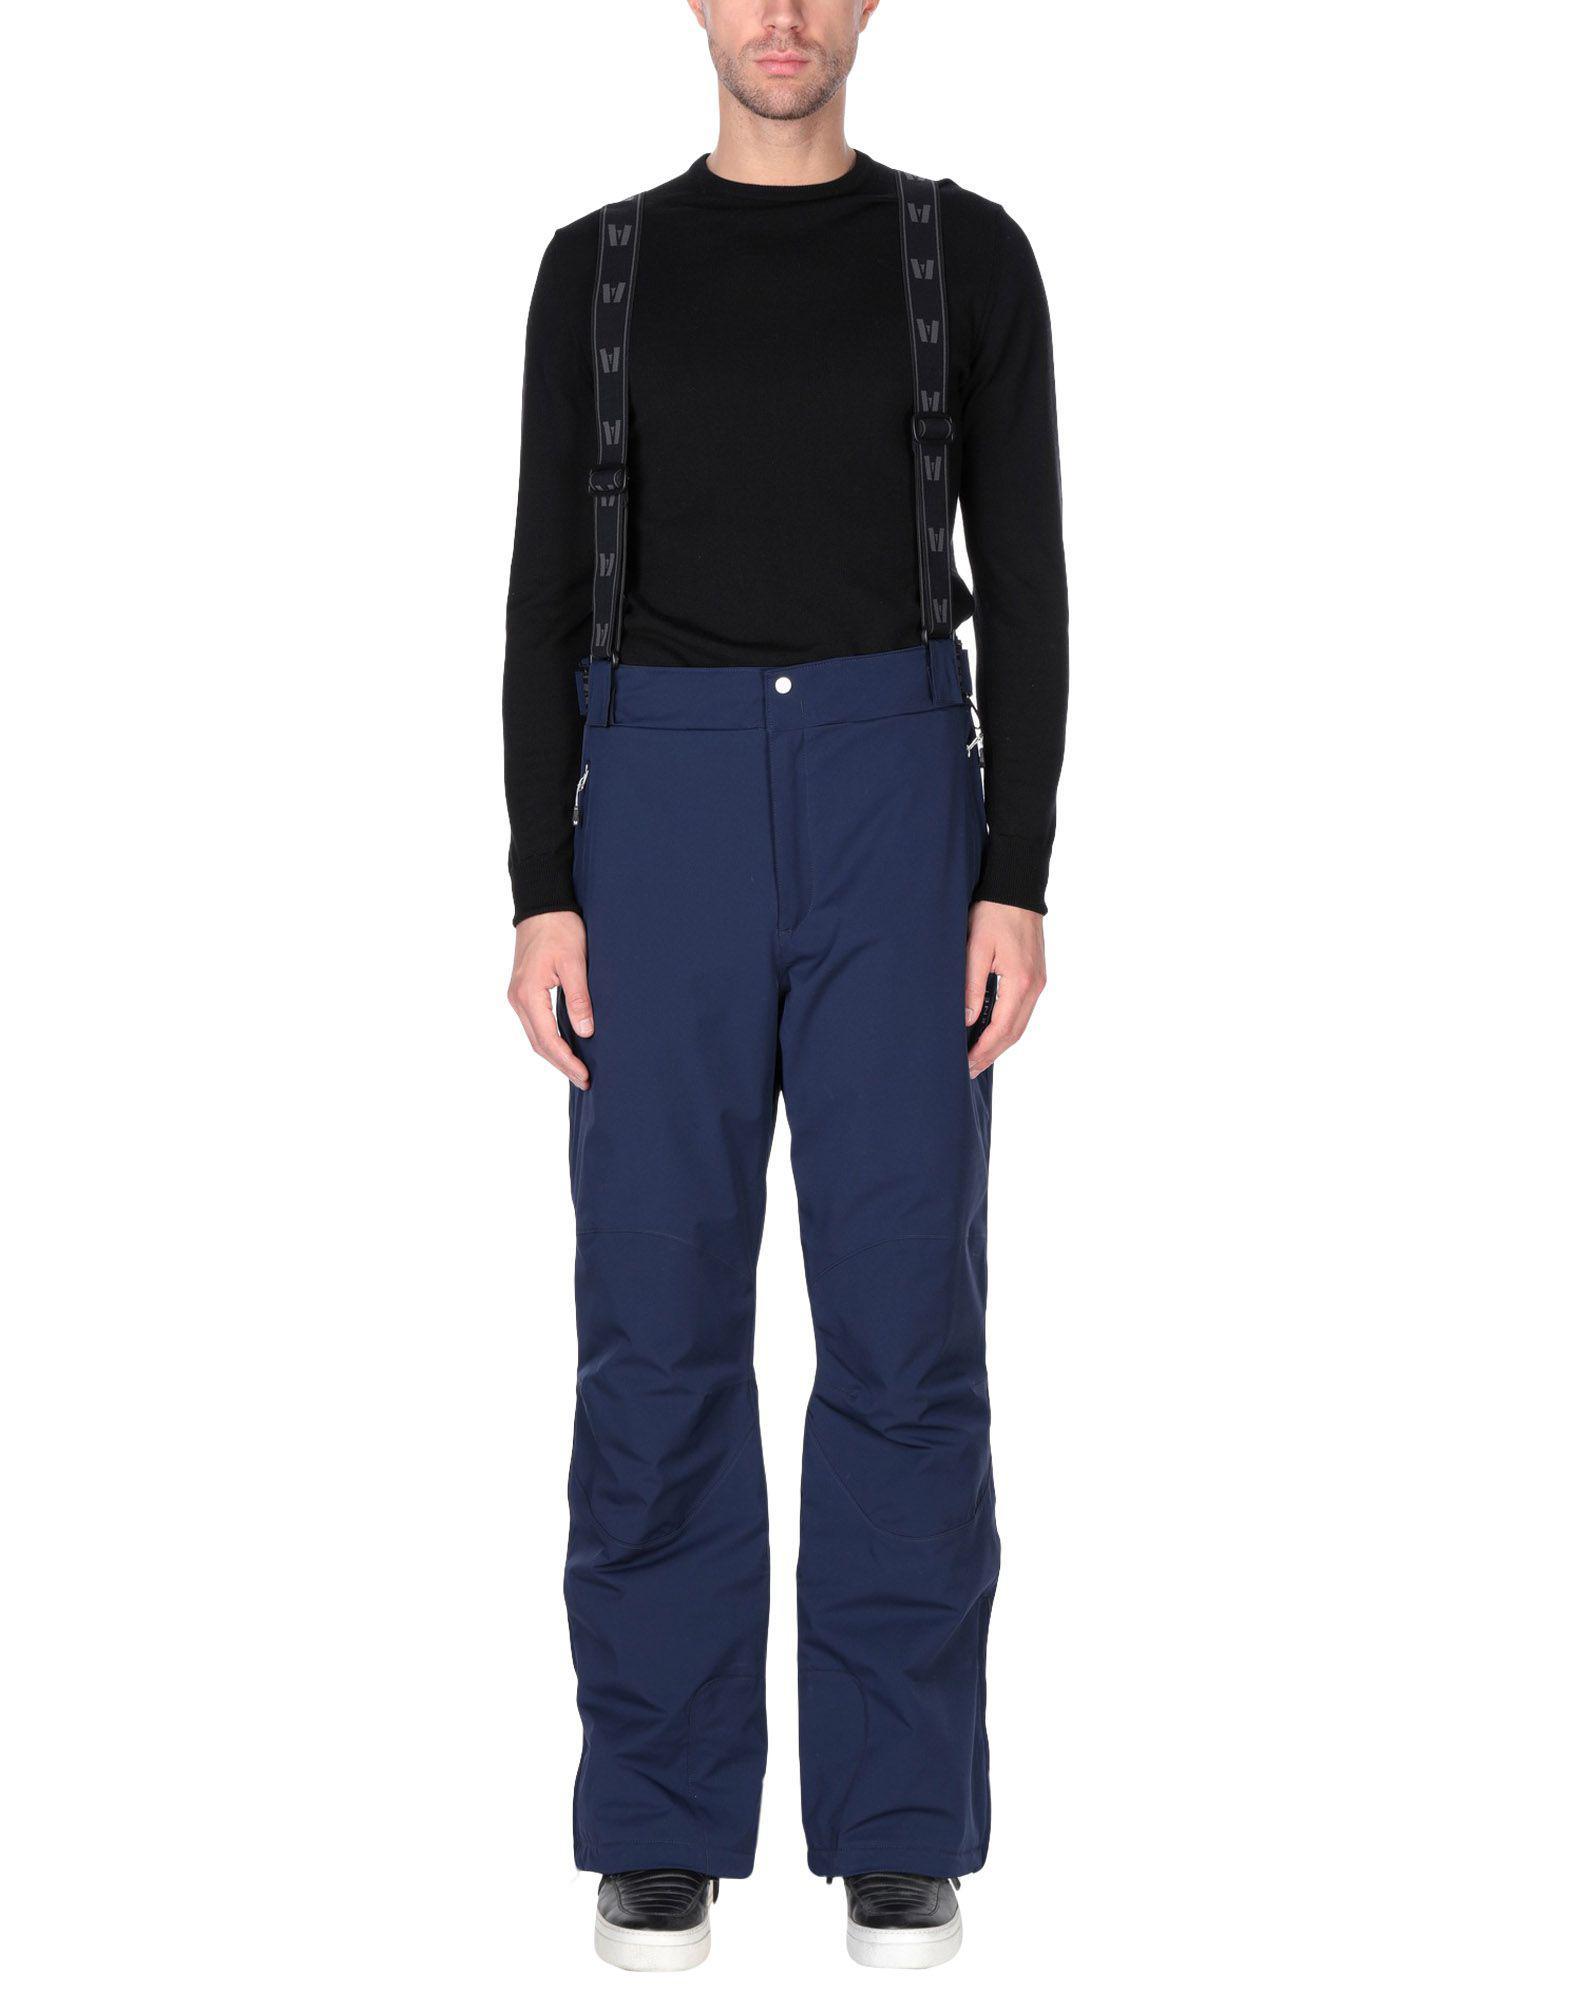 Lyst Coloris En Bleu Vuarnet De Ski Pour Homme Pantalons 4xRUr4qwFf d05fa482d43